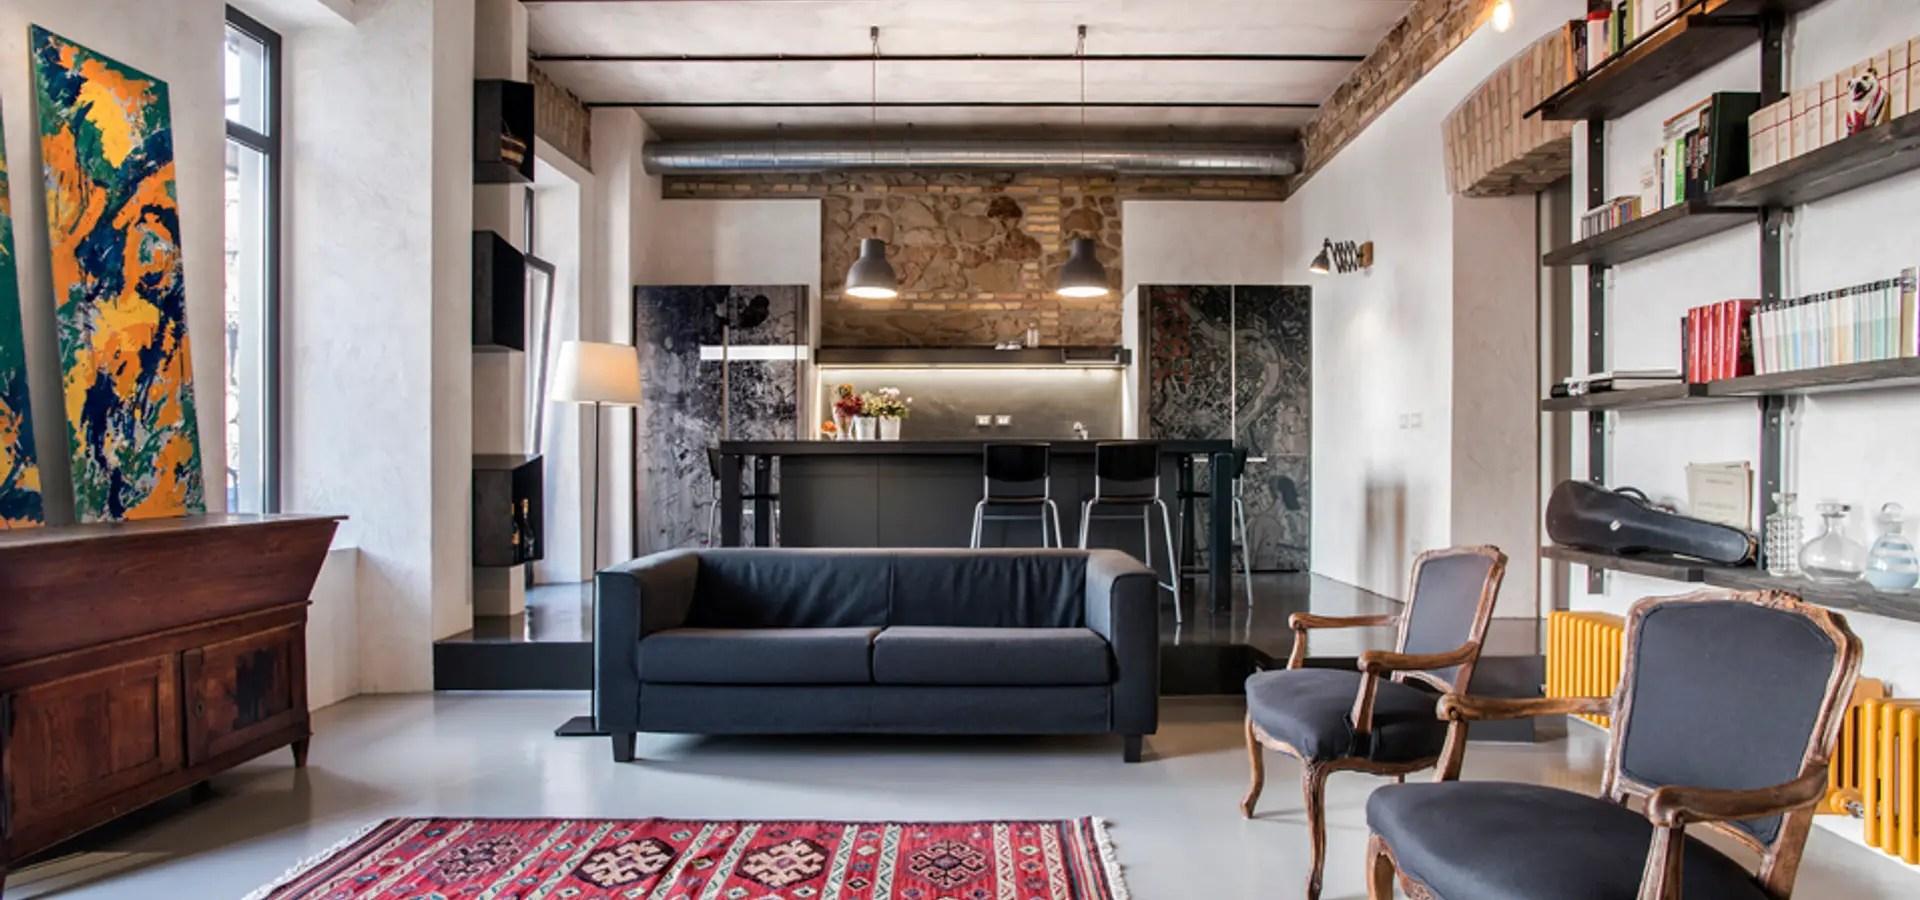 Differenza tra antico e moderno ebraico differenza tra 2021. Casa Tuscolana Studio Q Arch Bartolomeo Quintiliani Homify